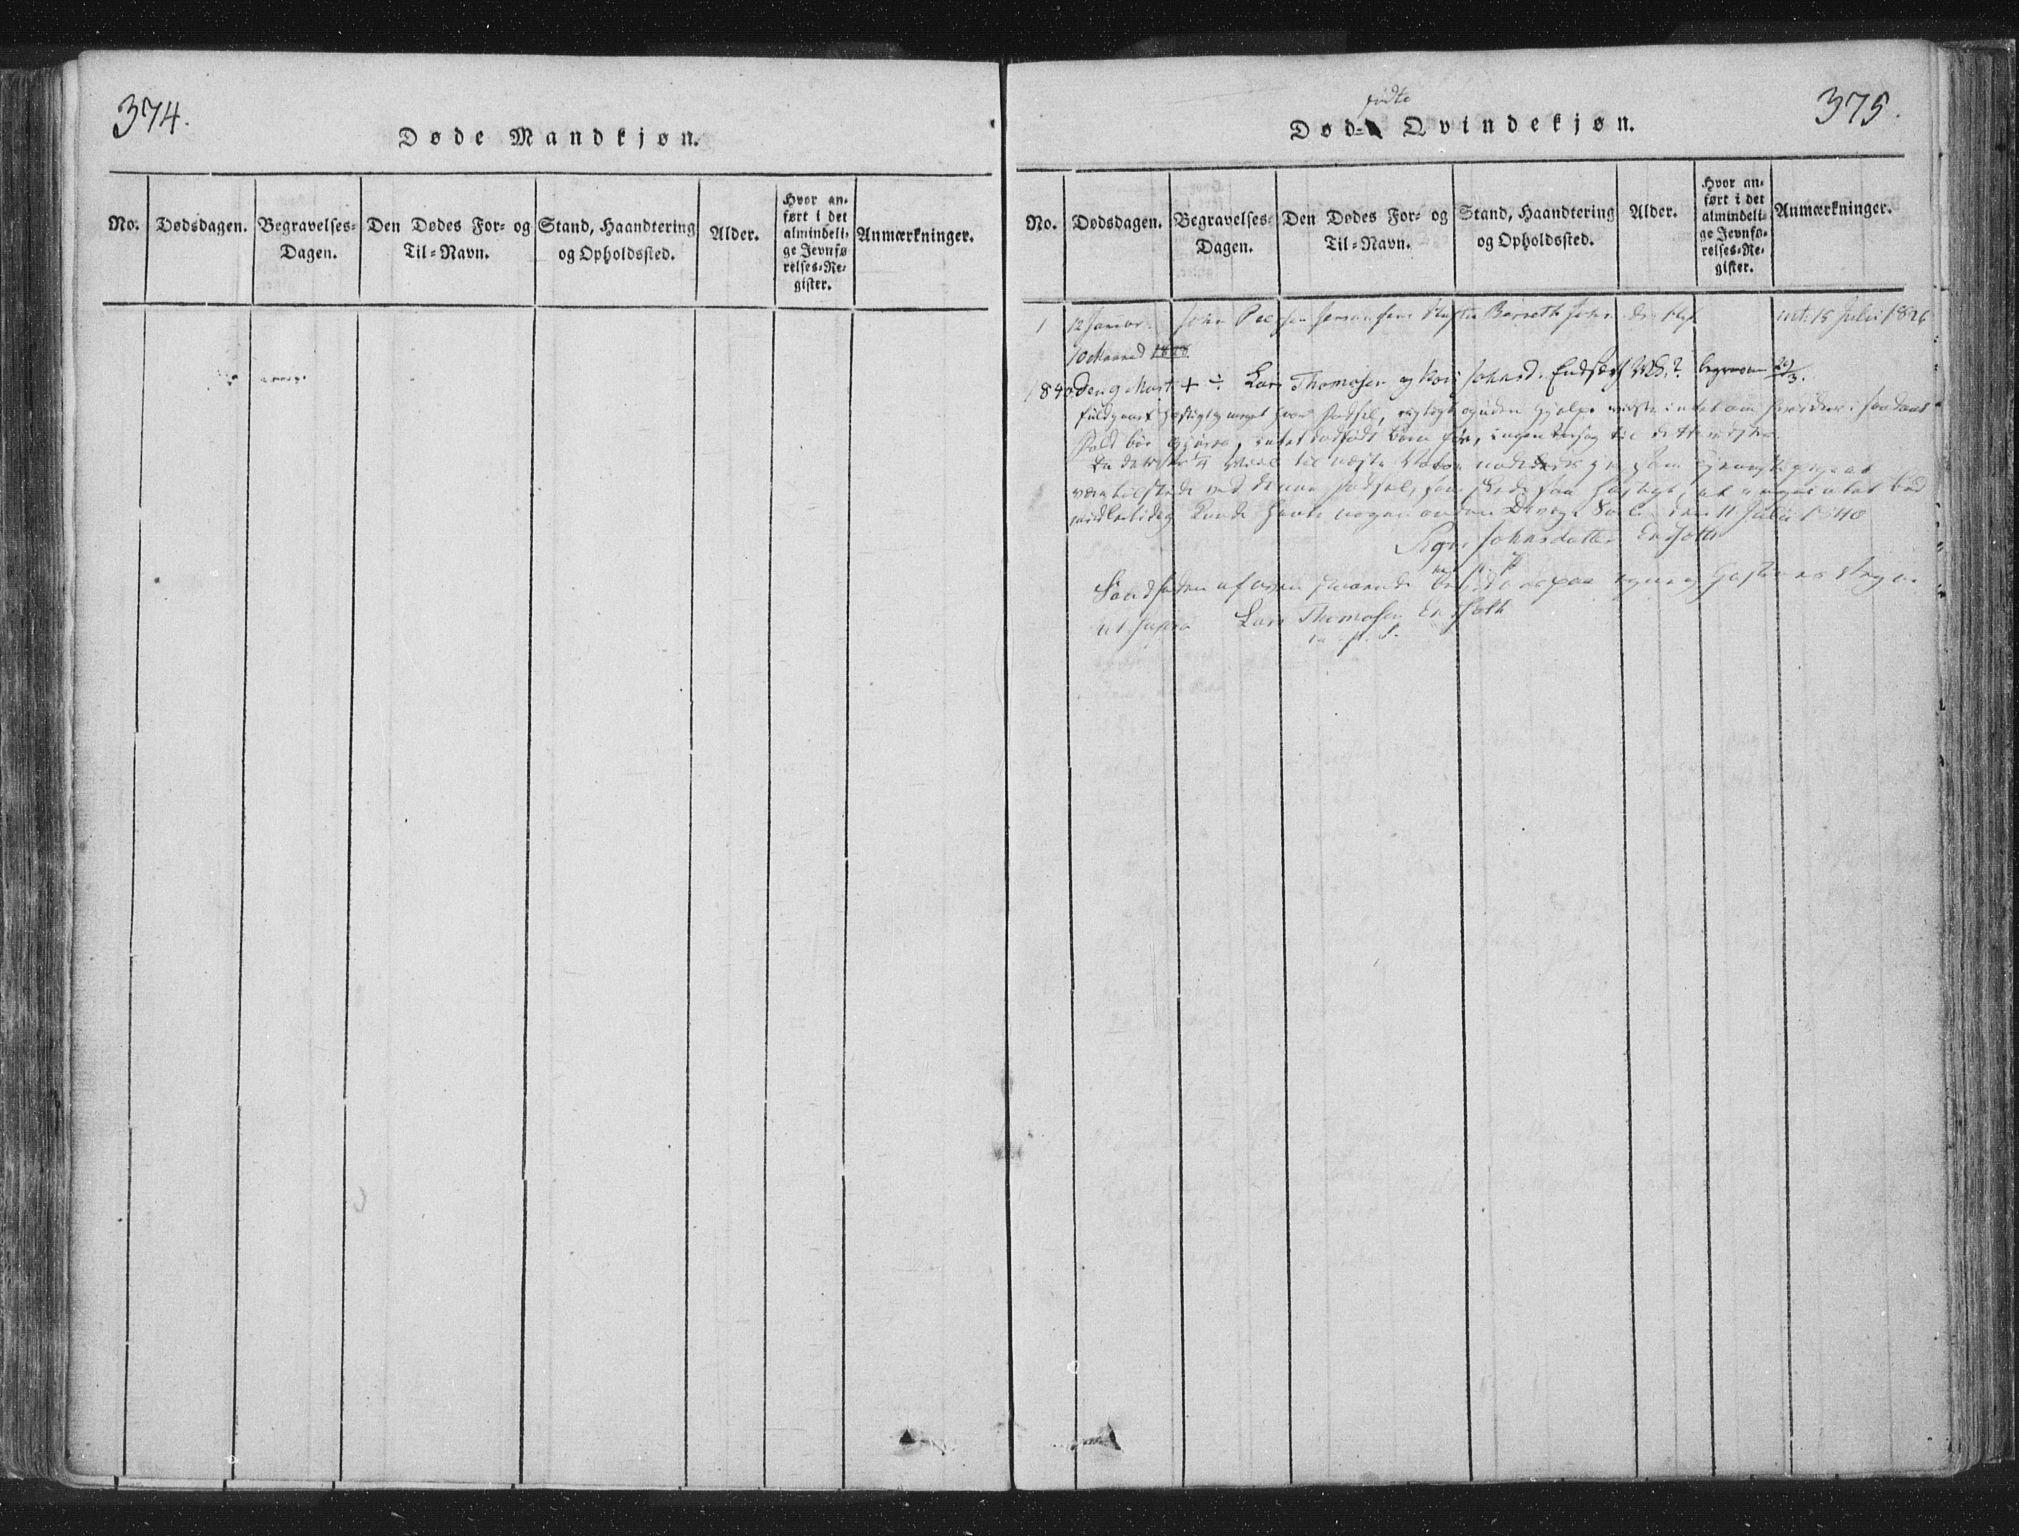 SAT, Ministerialprotokoller, klokkerbøker og fødselsregistre - Nord-Trøndelag, 755/L0491: Ministerialbok nr. 755A01 /2, 1817-1864, s. 374-375